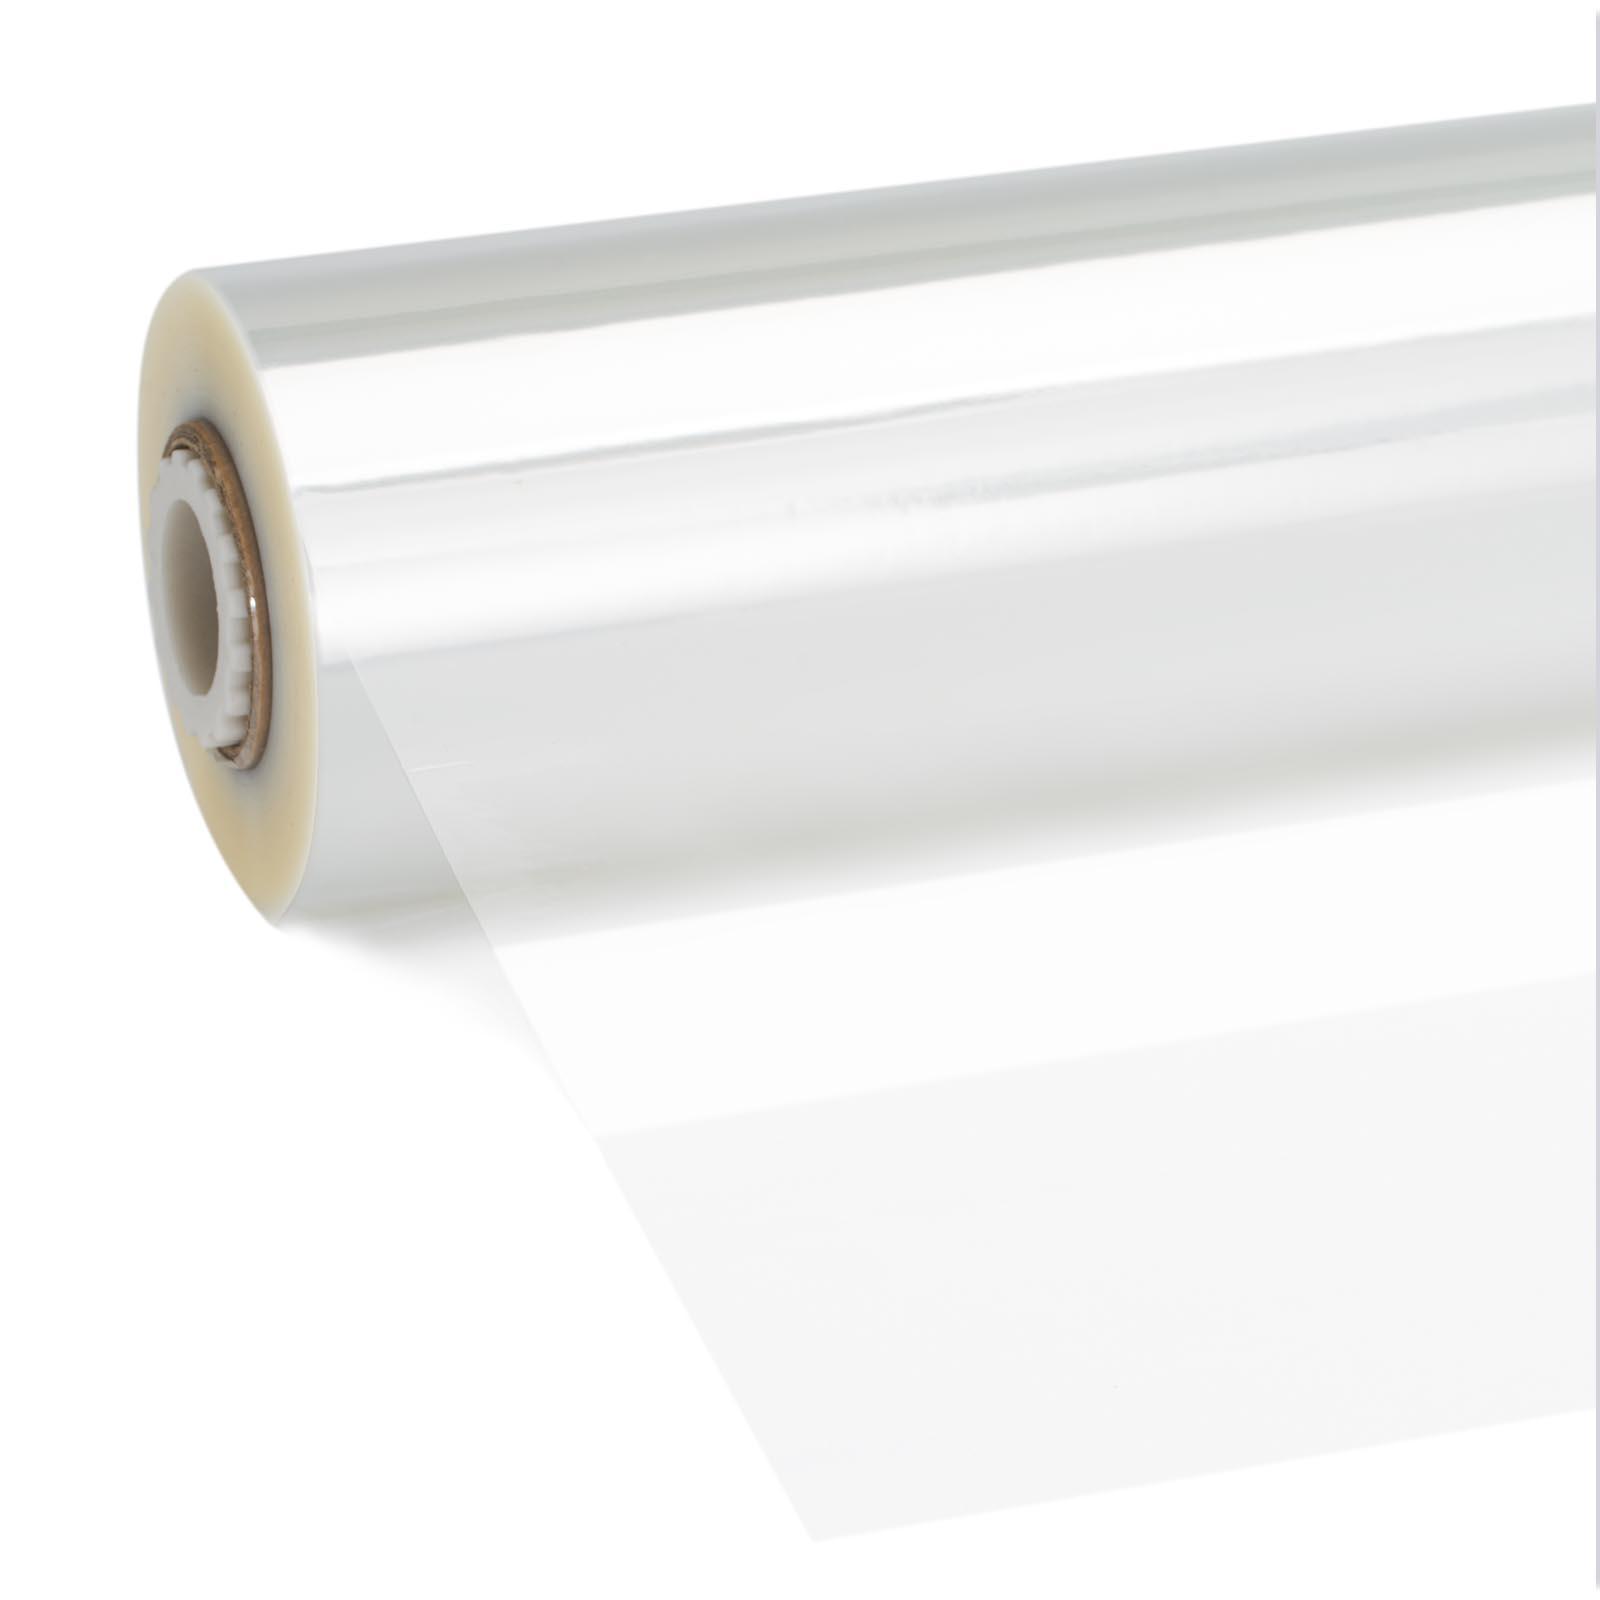 Klarsichtfolie 75cm x 200m geschenkpapier seidenpapier for Restposten dekoartikel